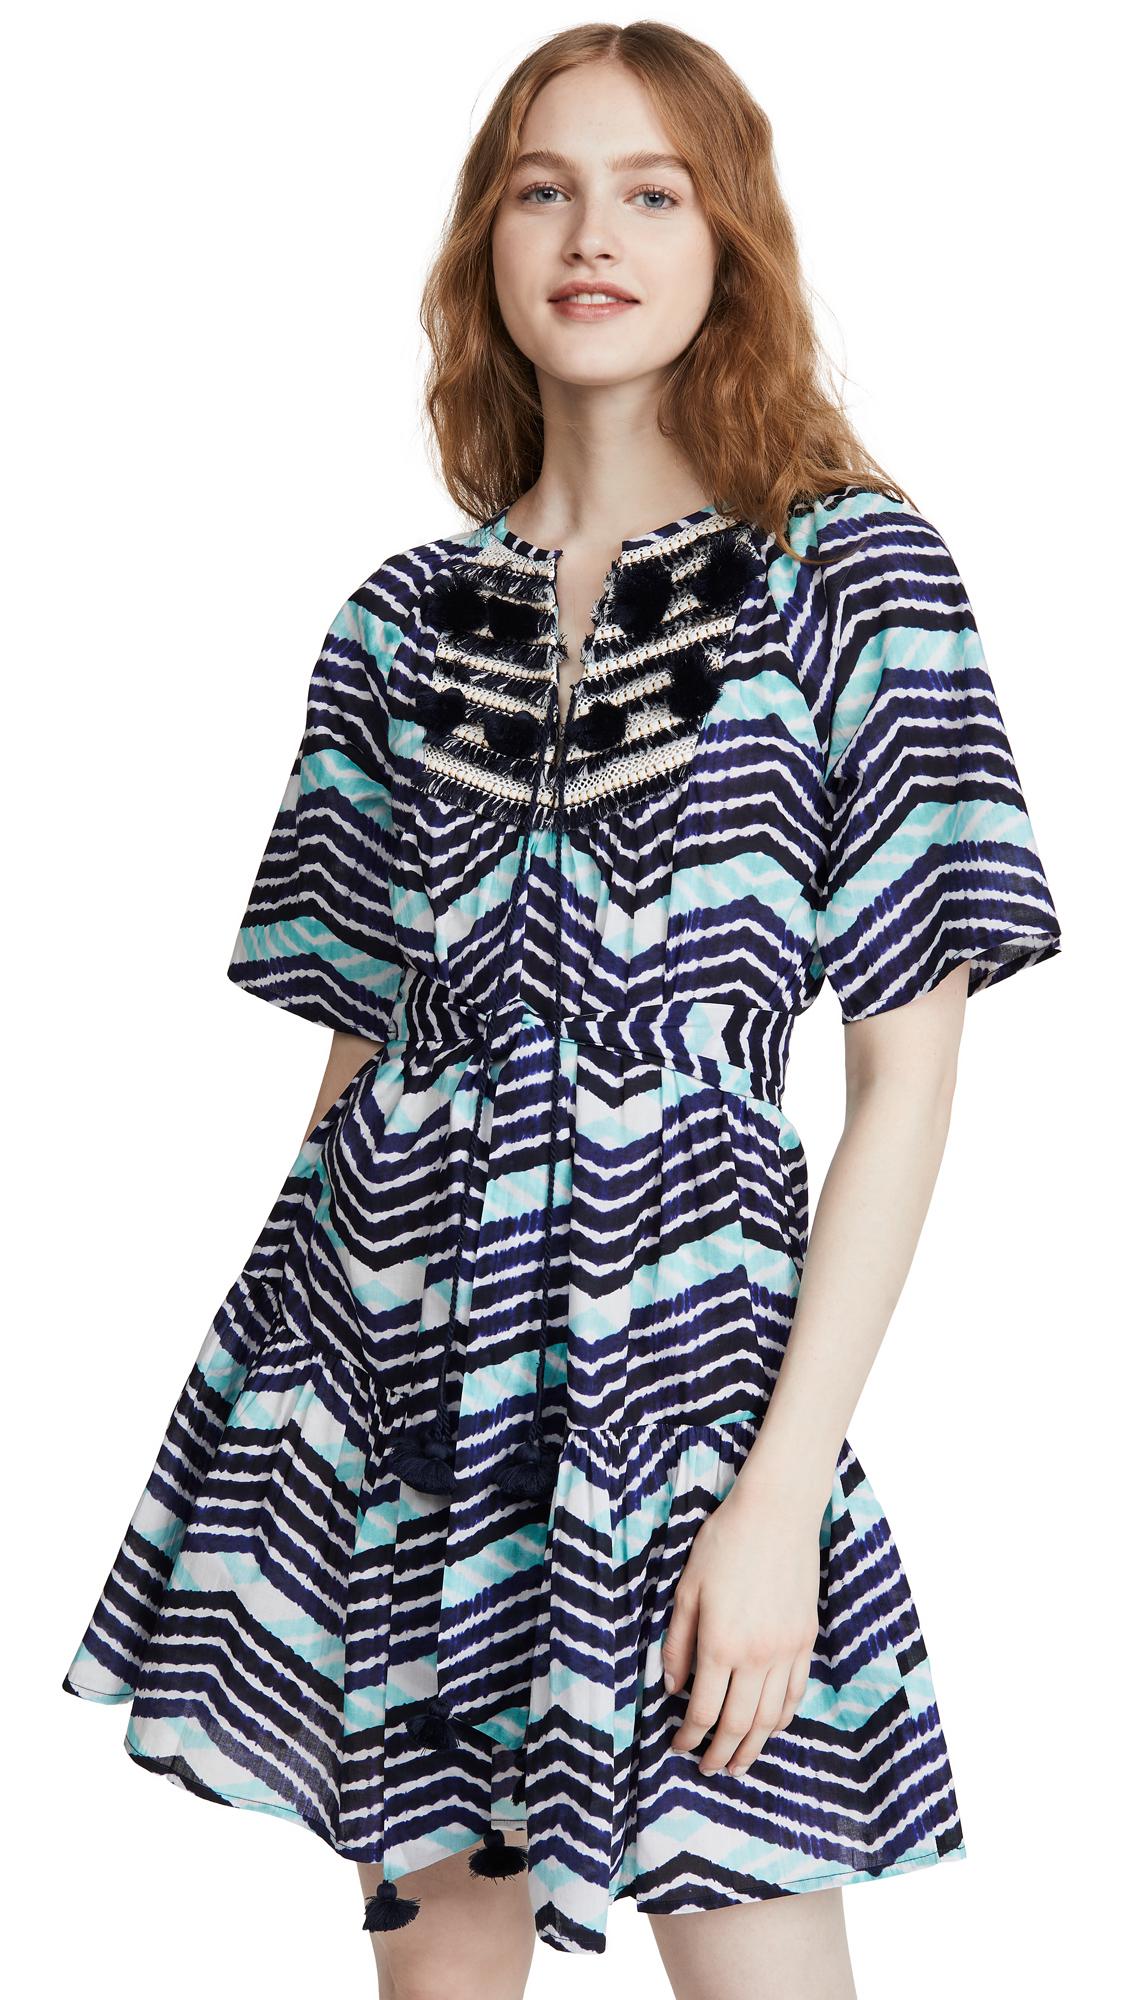 Figue Bria Dress - 60% Off Sale